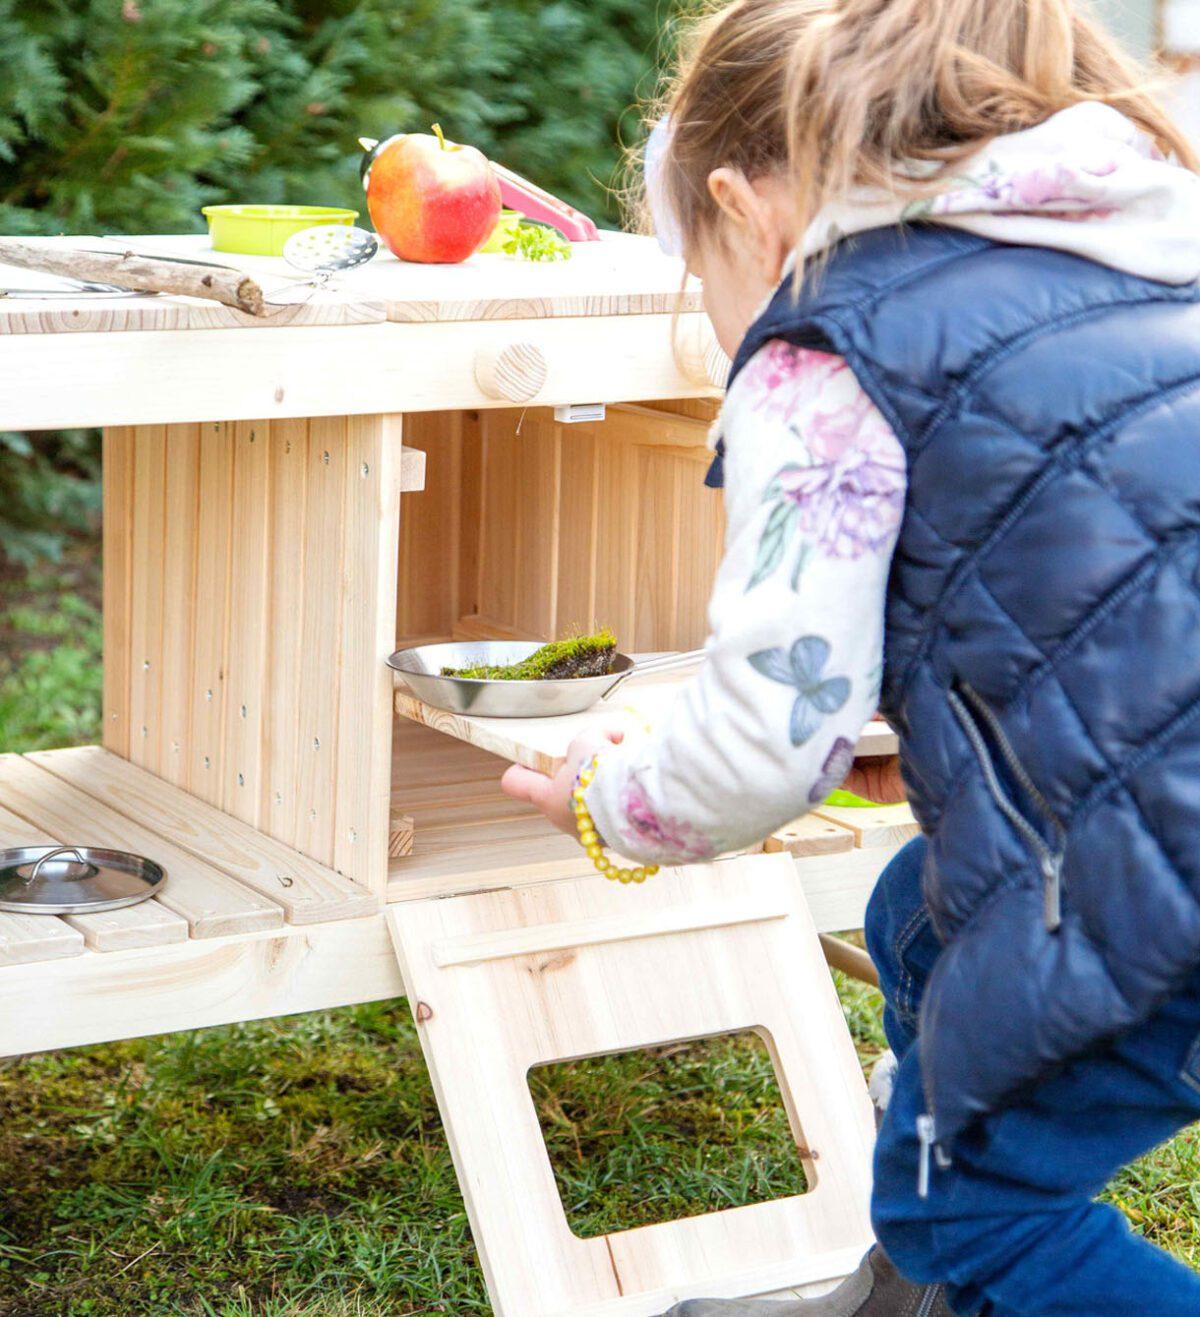 modderkeuken voor kinderen